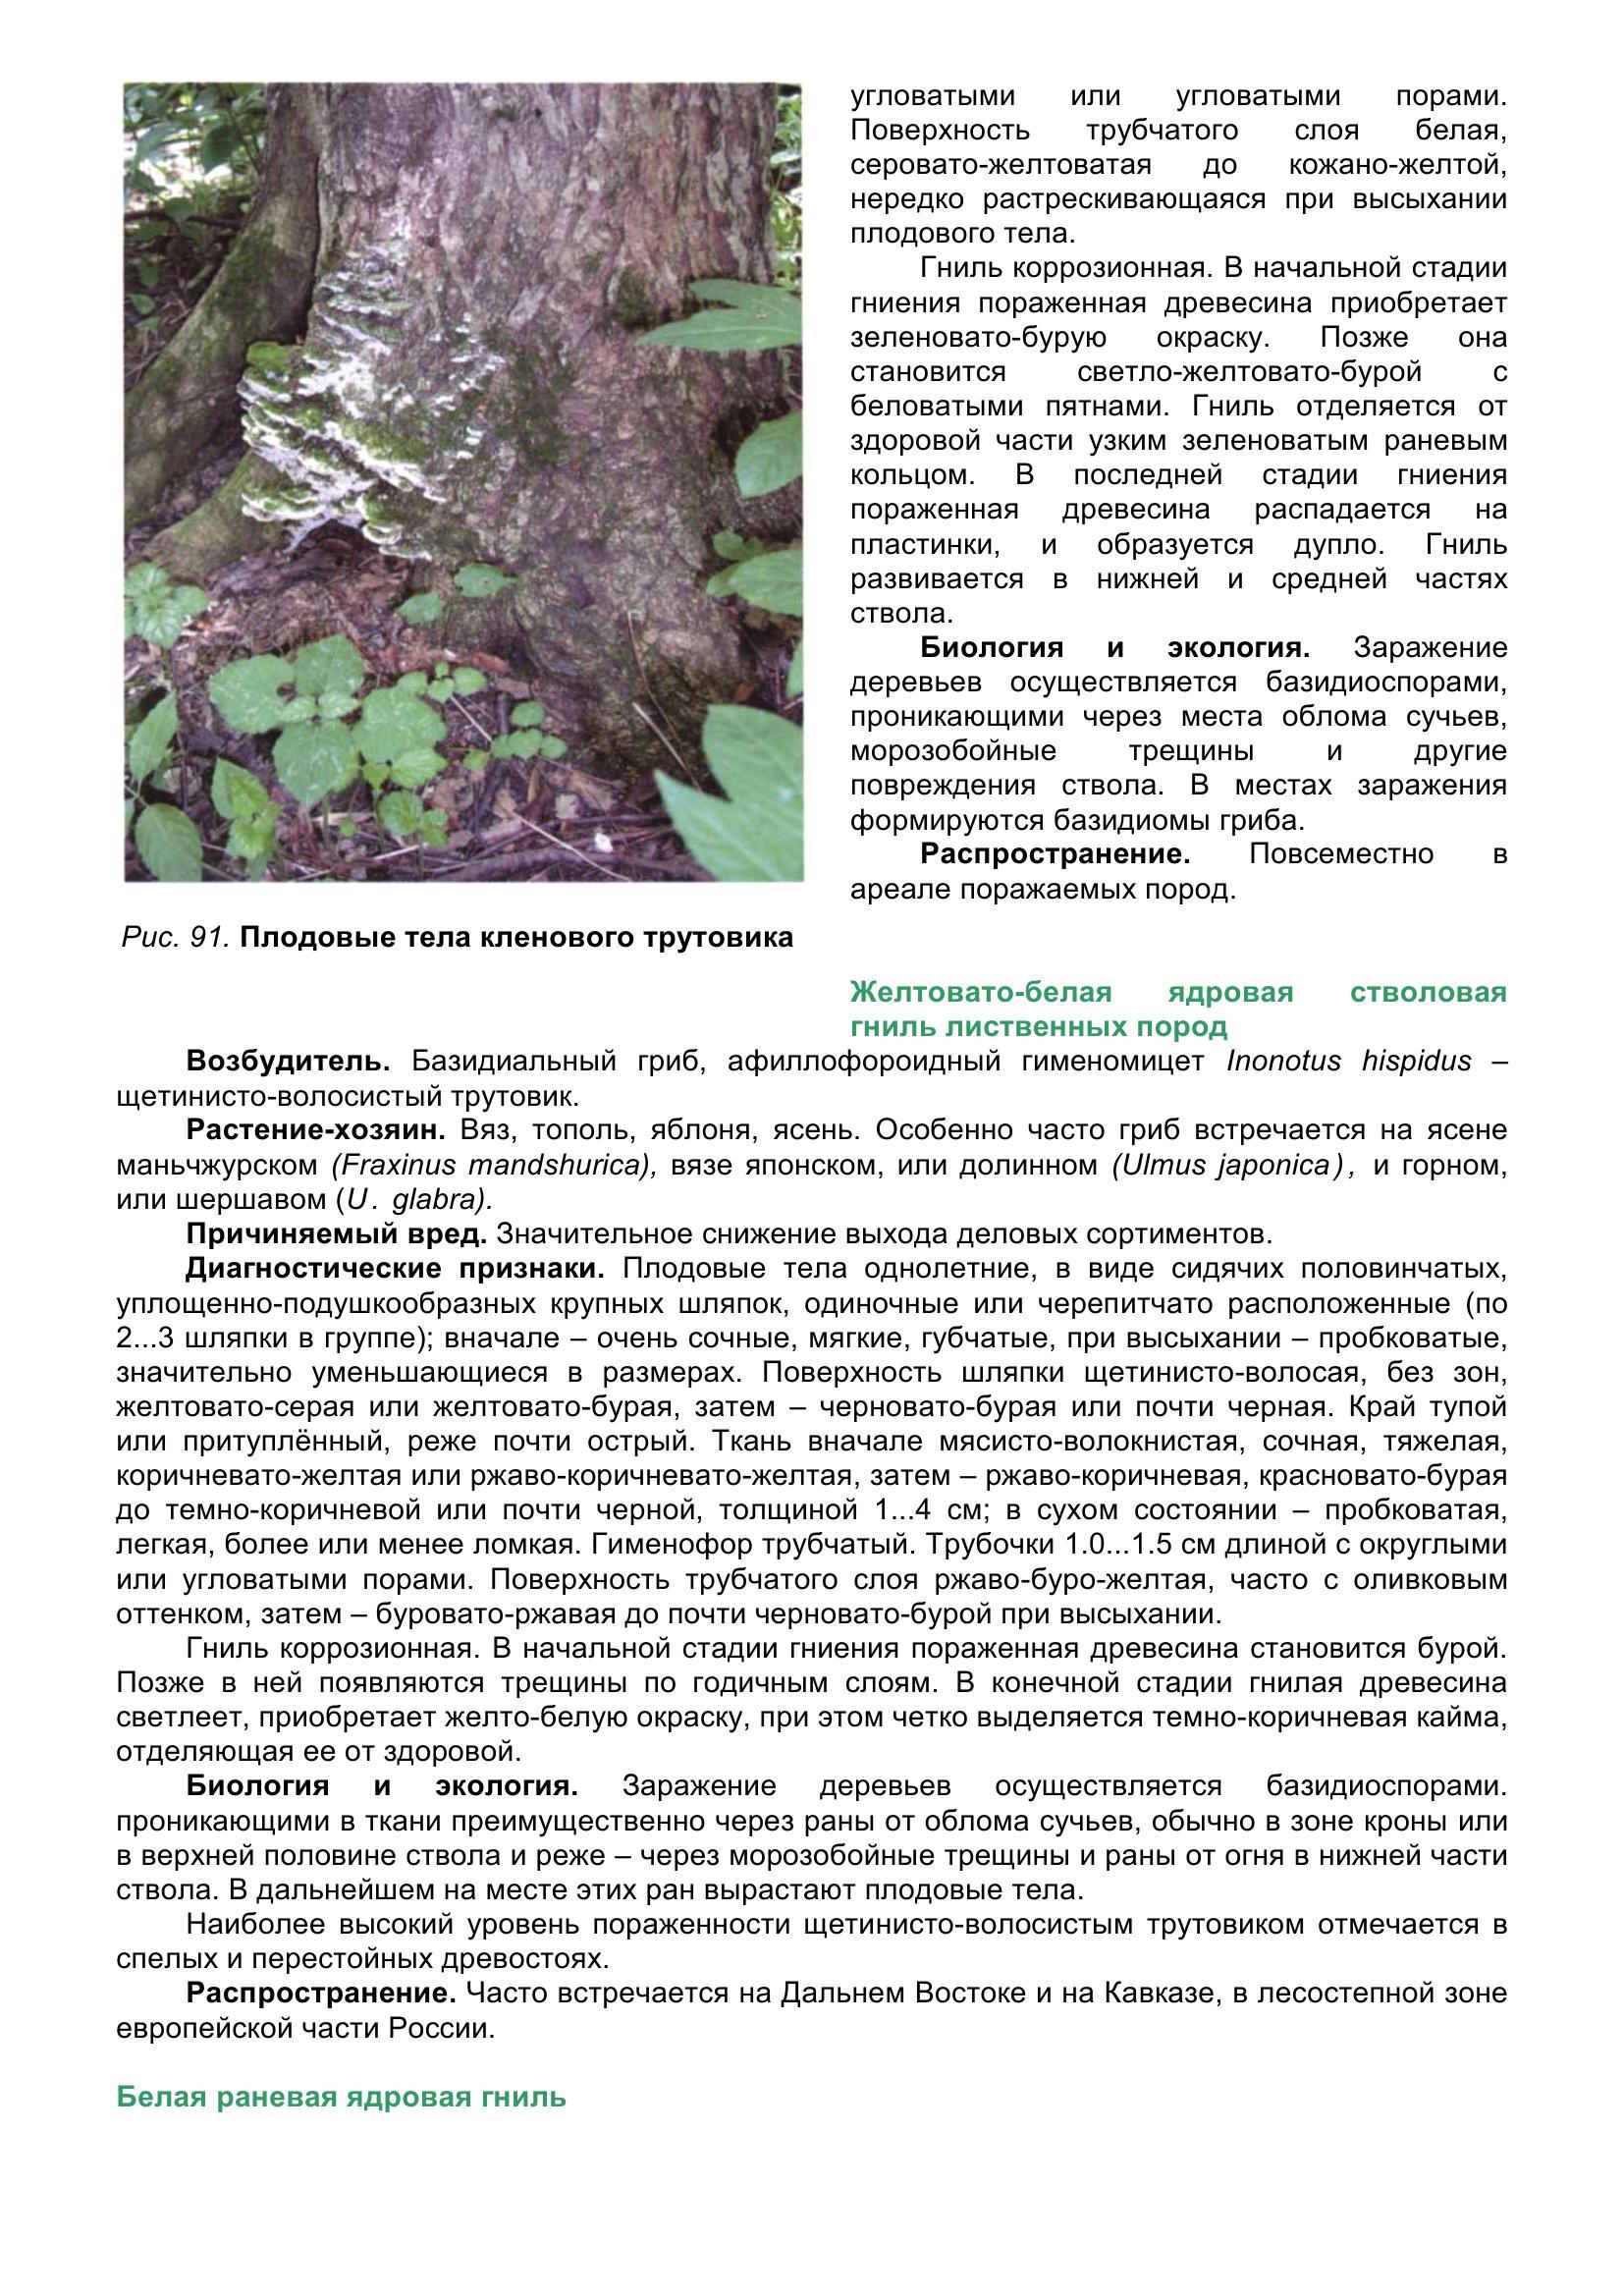 Болезни_древесных_растений_101.jpg